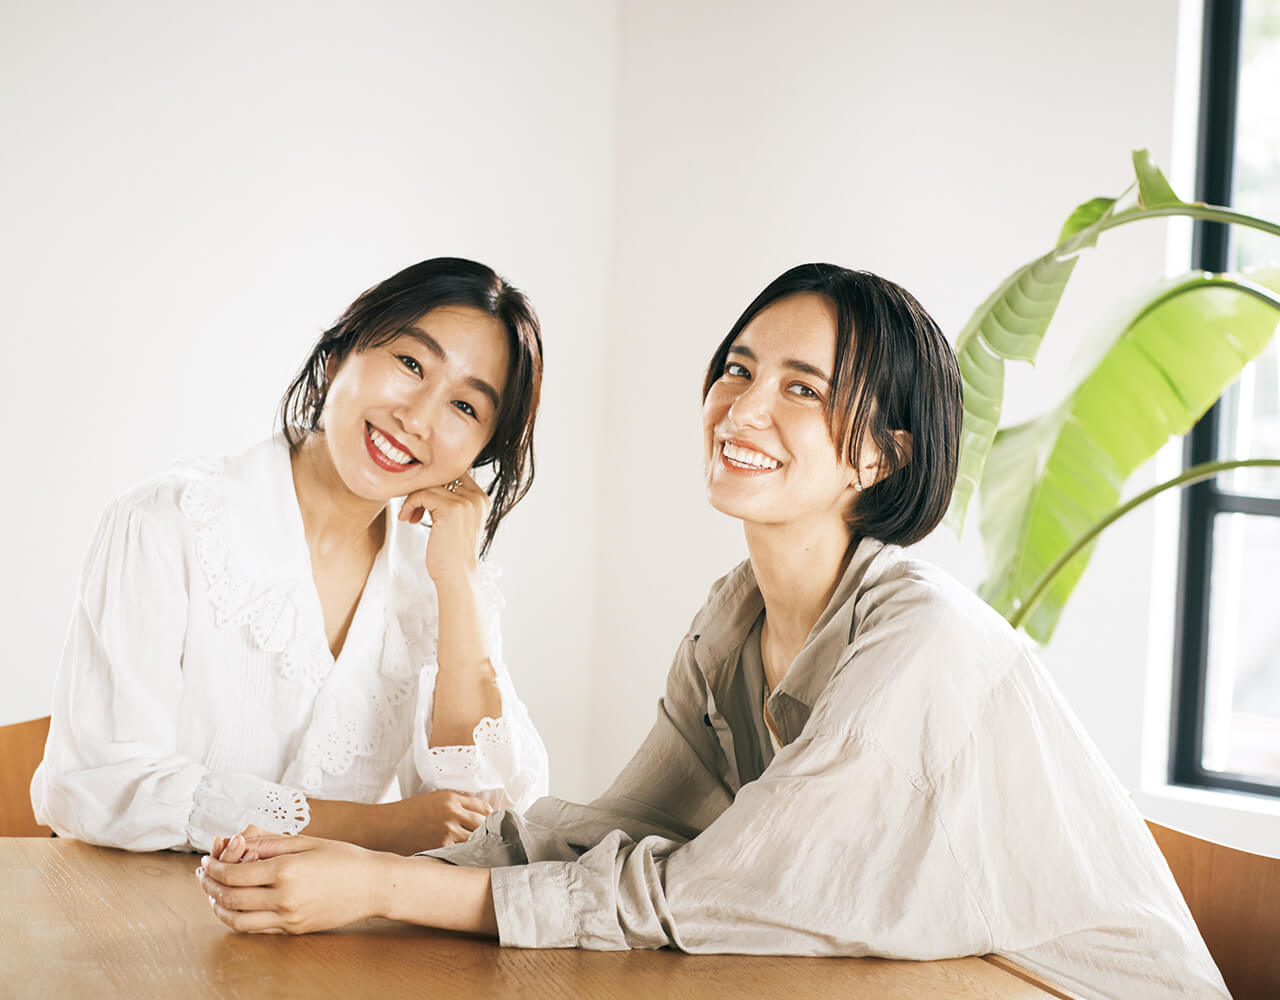 (右)モデル・環境アクティビスト 小野りりあんさん (左)スタイリスト 福田麻琴さん